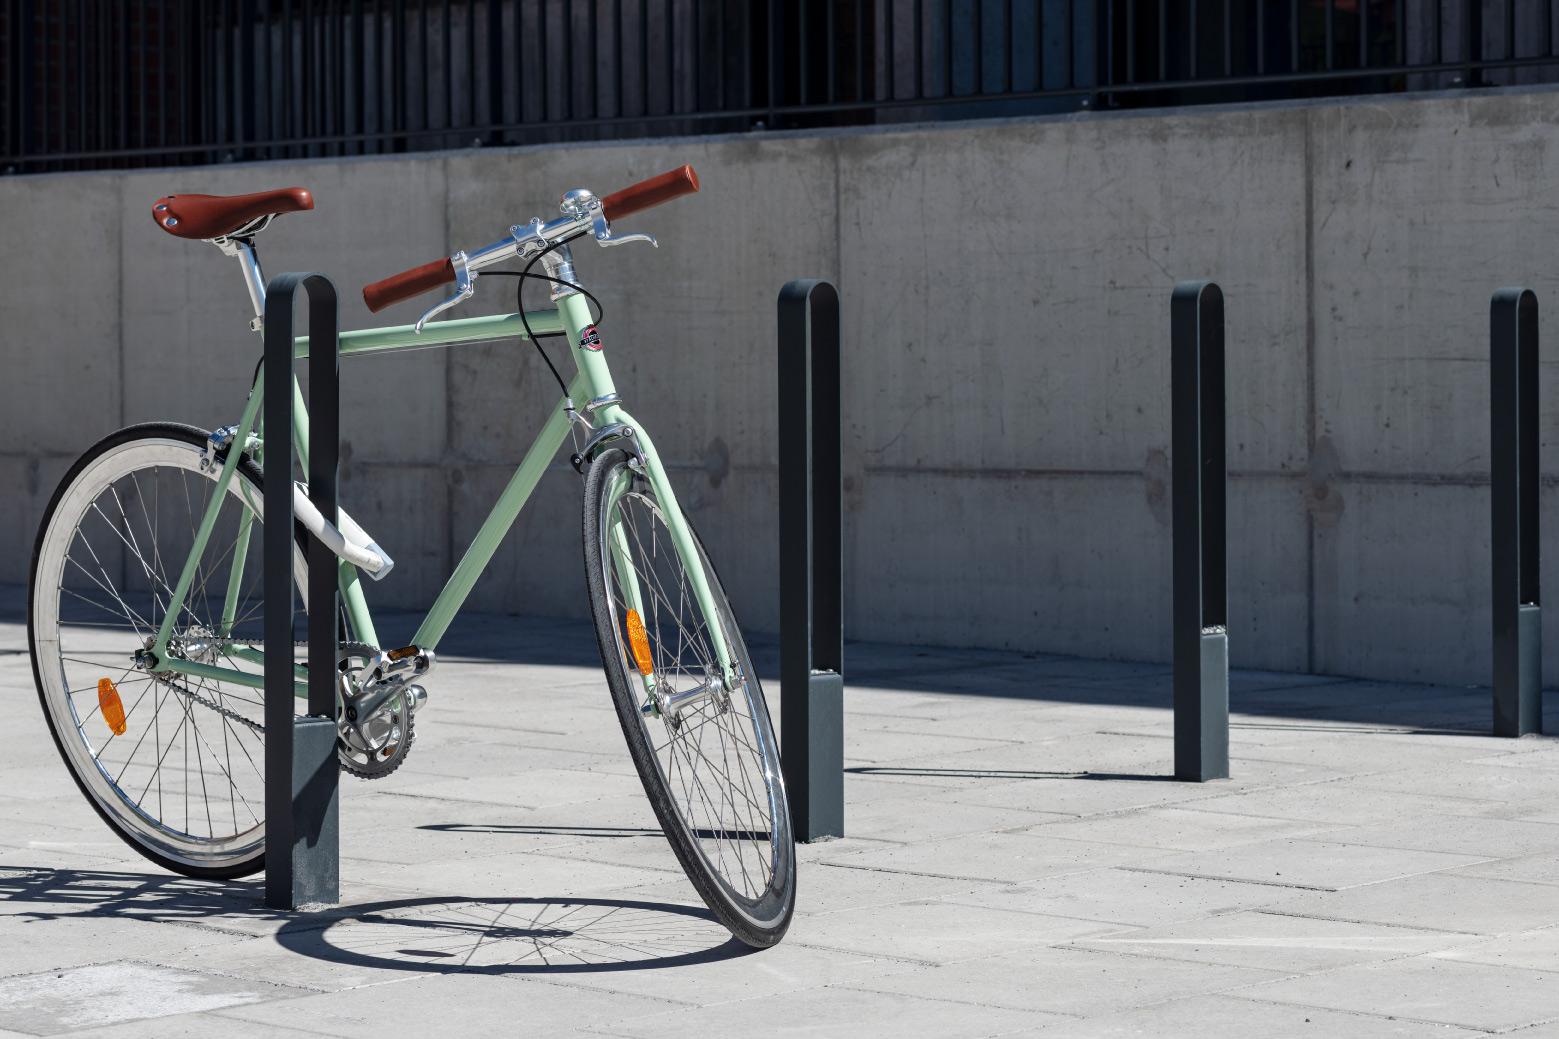 LUX pyöräteline runkolukolla, huomiotaherättämätön muotoilu julkisella alueella, vihreä pyörä kiinni valkoisella runkolukolla